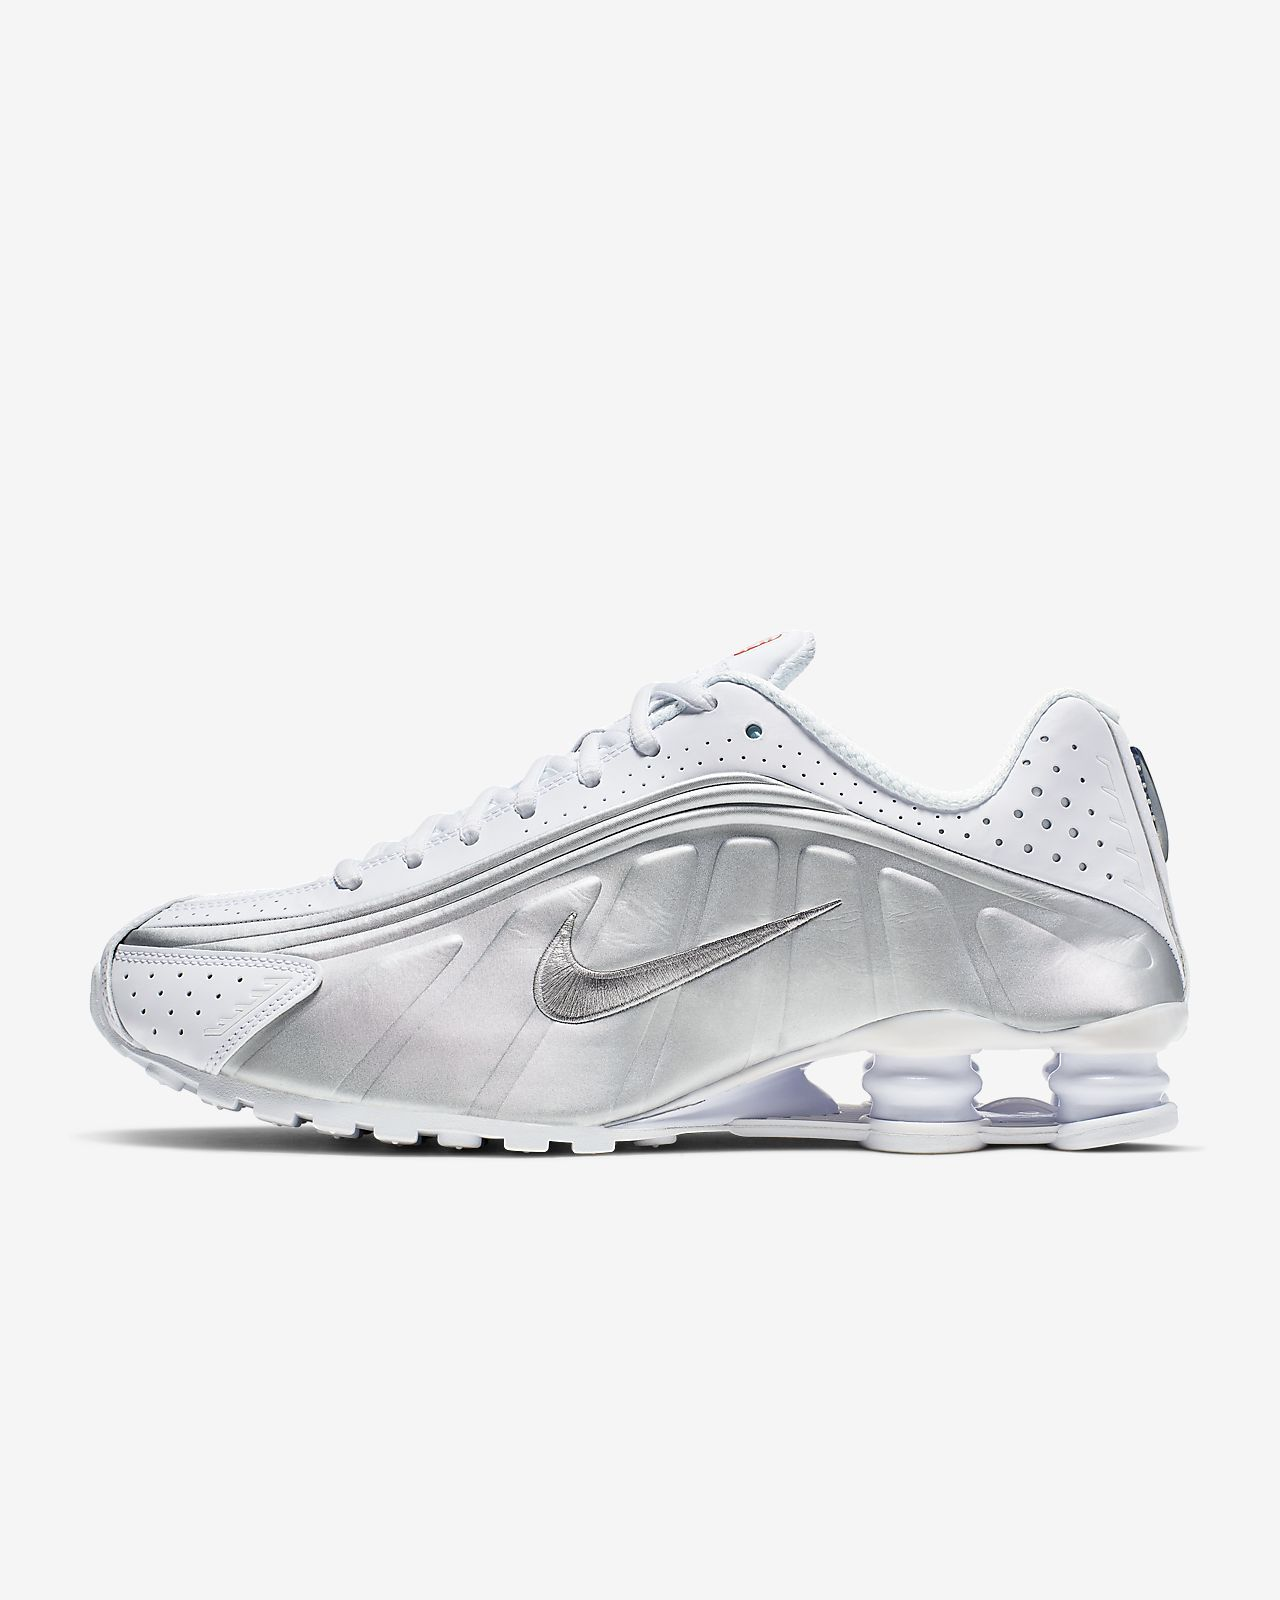 Nike Shox R4 Zapatillas Hombre